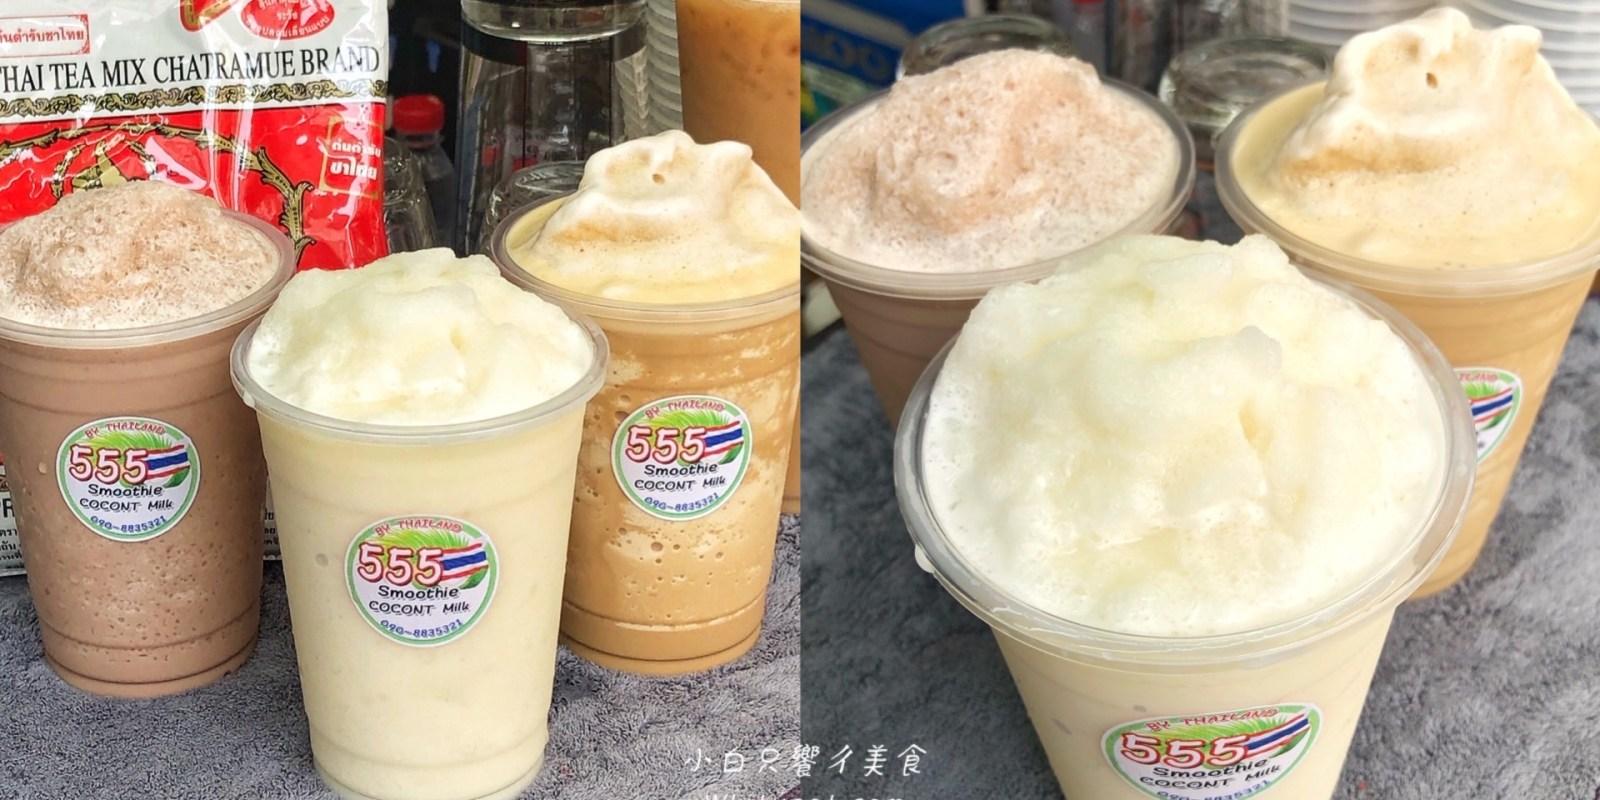 【台南美食】台南也喝得到道地「555 泰式椰奶冰沙」必喝天然揶奶/美祿牛奶冰沙 喝完透心涼 台南東區美食|裕豐街